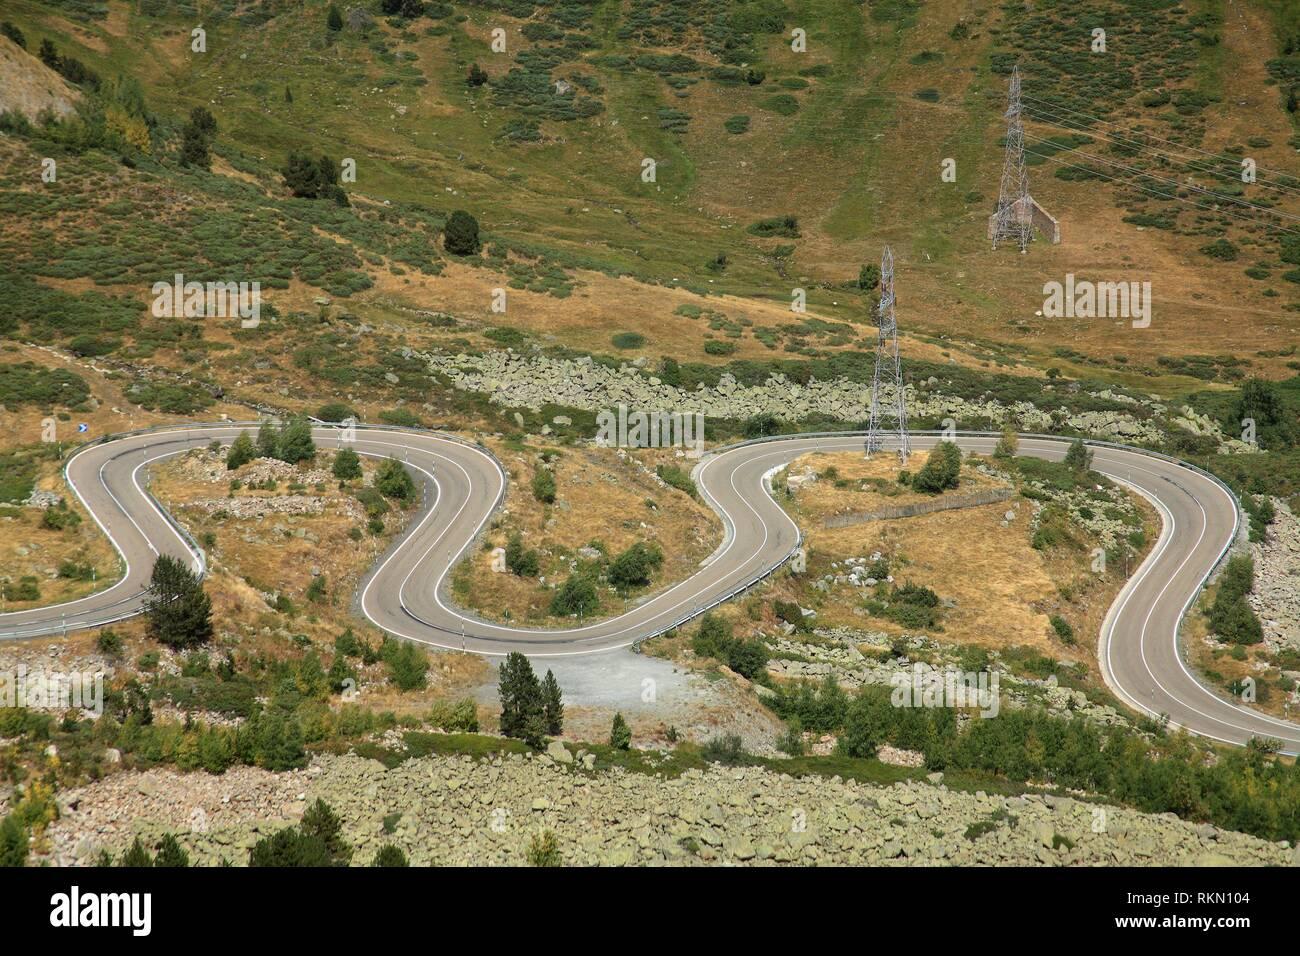 Route de montagne dans le Parc National de Aigüestortes. Lleida province. La Catalogne. Espagne Photo Stock